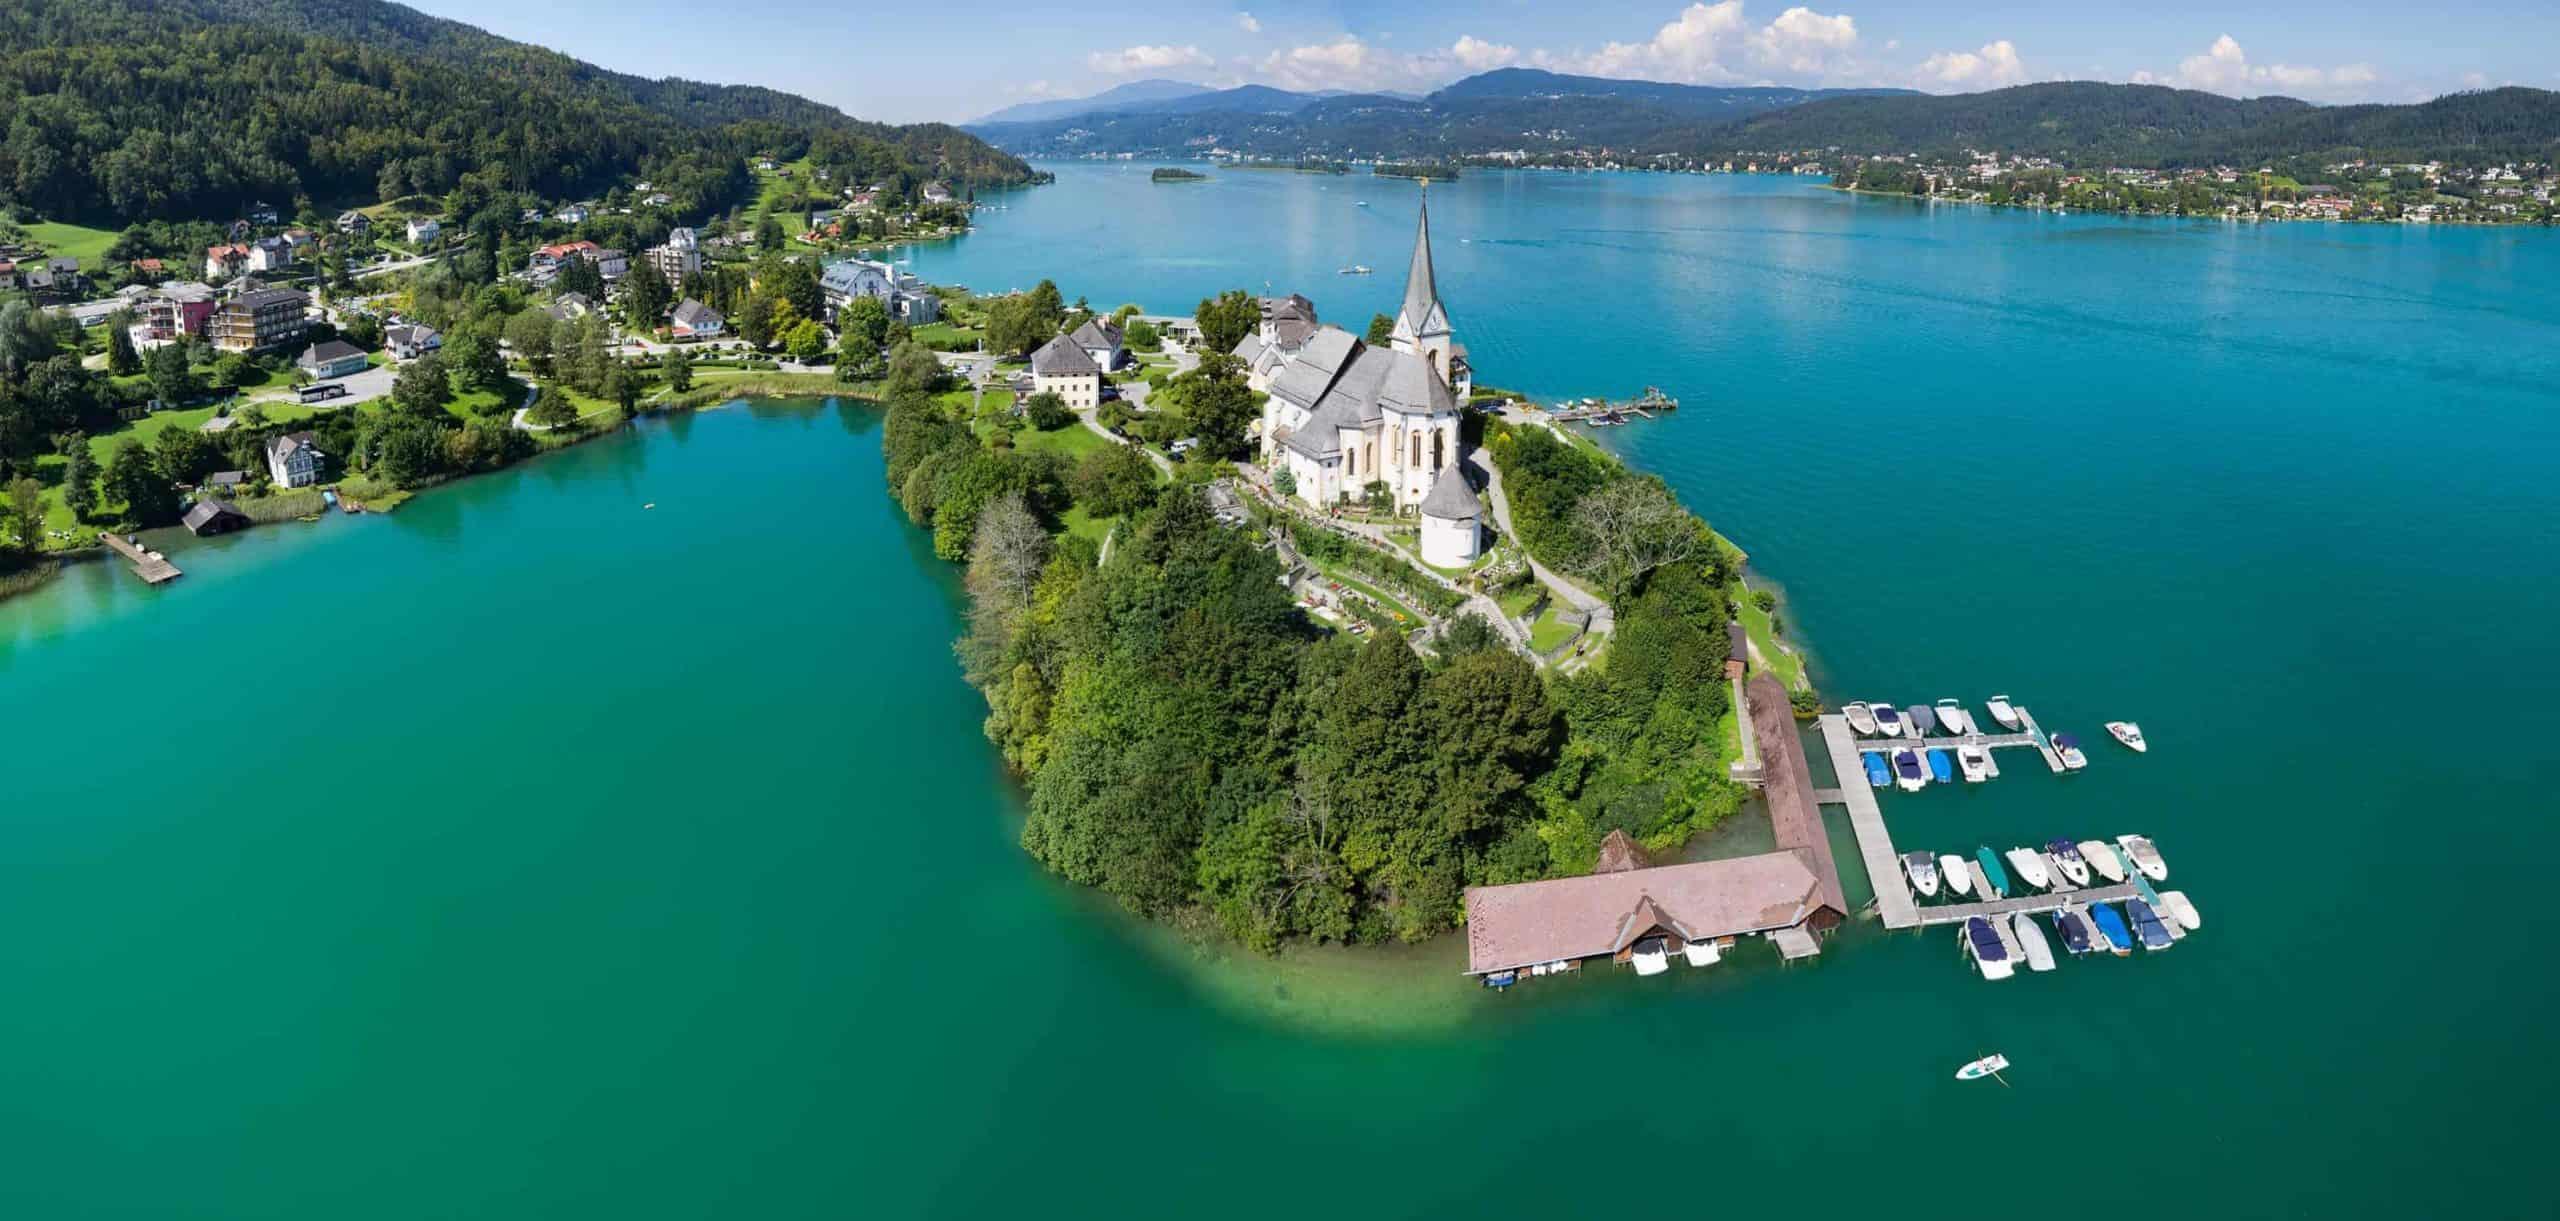 Maria Wörth mit Kirche im Sommer am Wörthersee in Kärnten